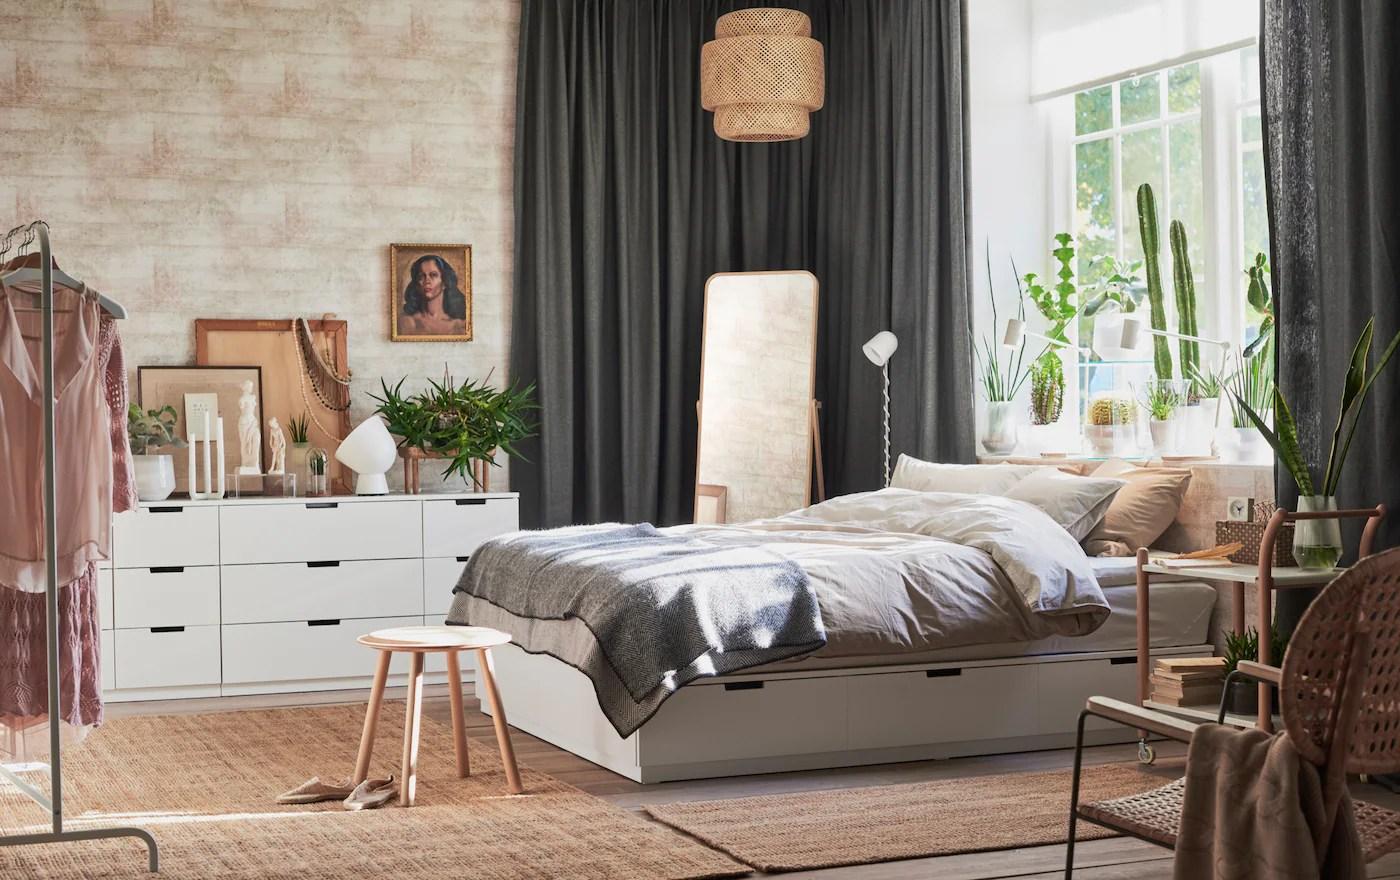 Ikea Hängeleuchte Schlafzimmer | Schlafzimmer Lampe Kugel